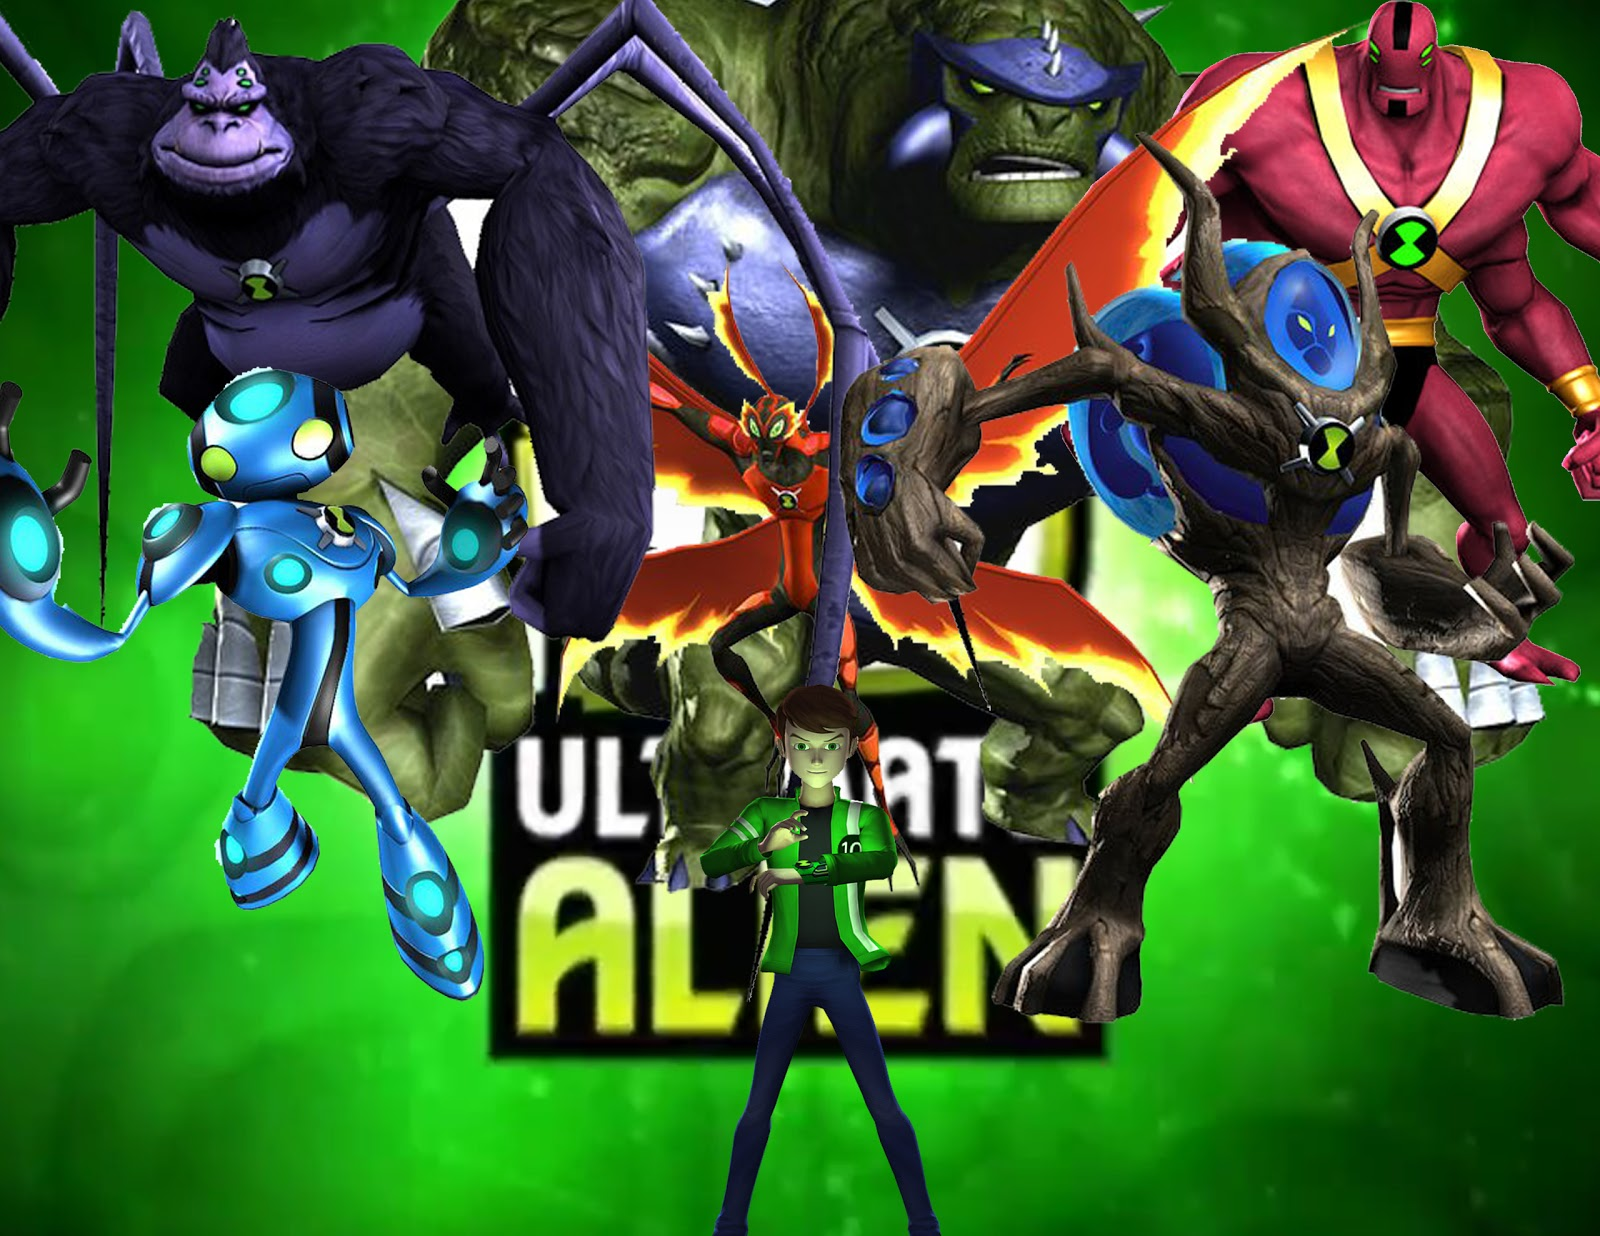 http://1.bp.blogspot.com/-Ug39e6jDD6o/UAKKwwEu7-I/AAAAAAAAAH4/WRYmDTtYnvY/s1600/ben+10+wallpaper+hd+ultimate+alien-2.jpg